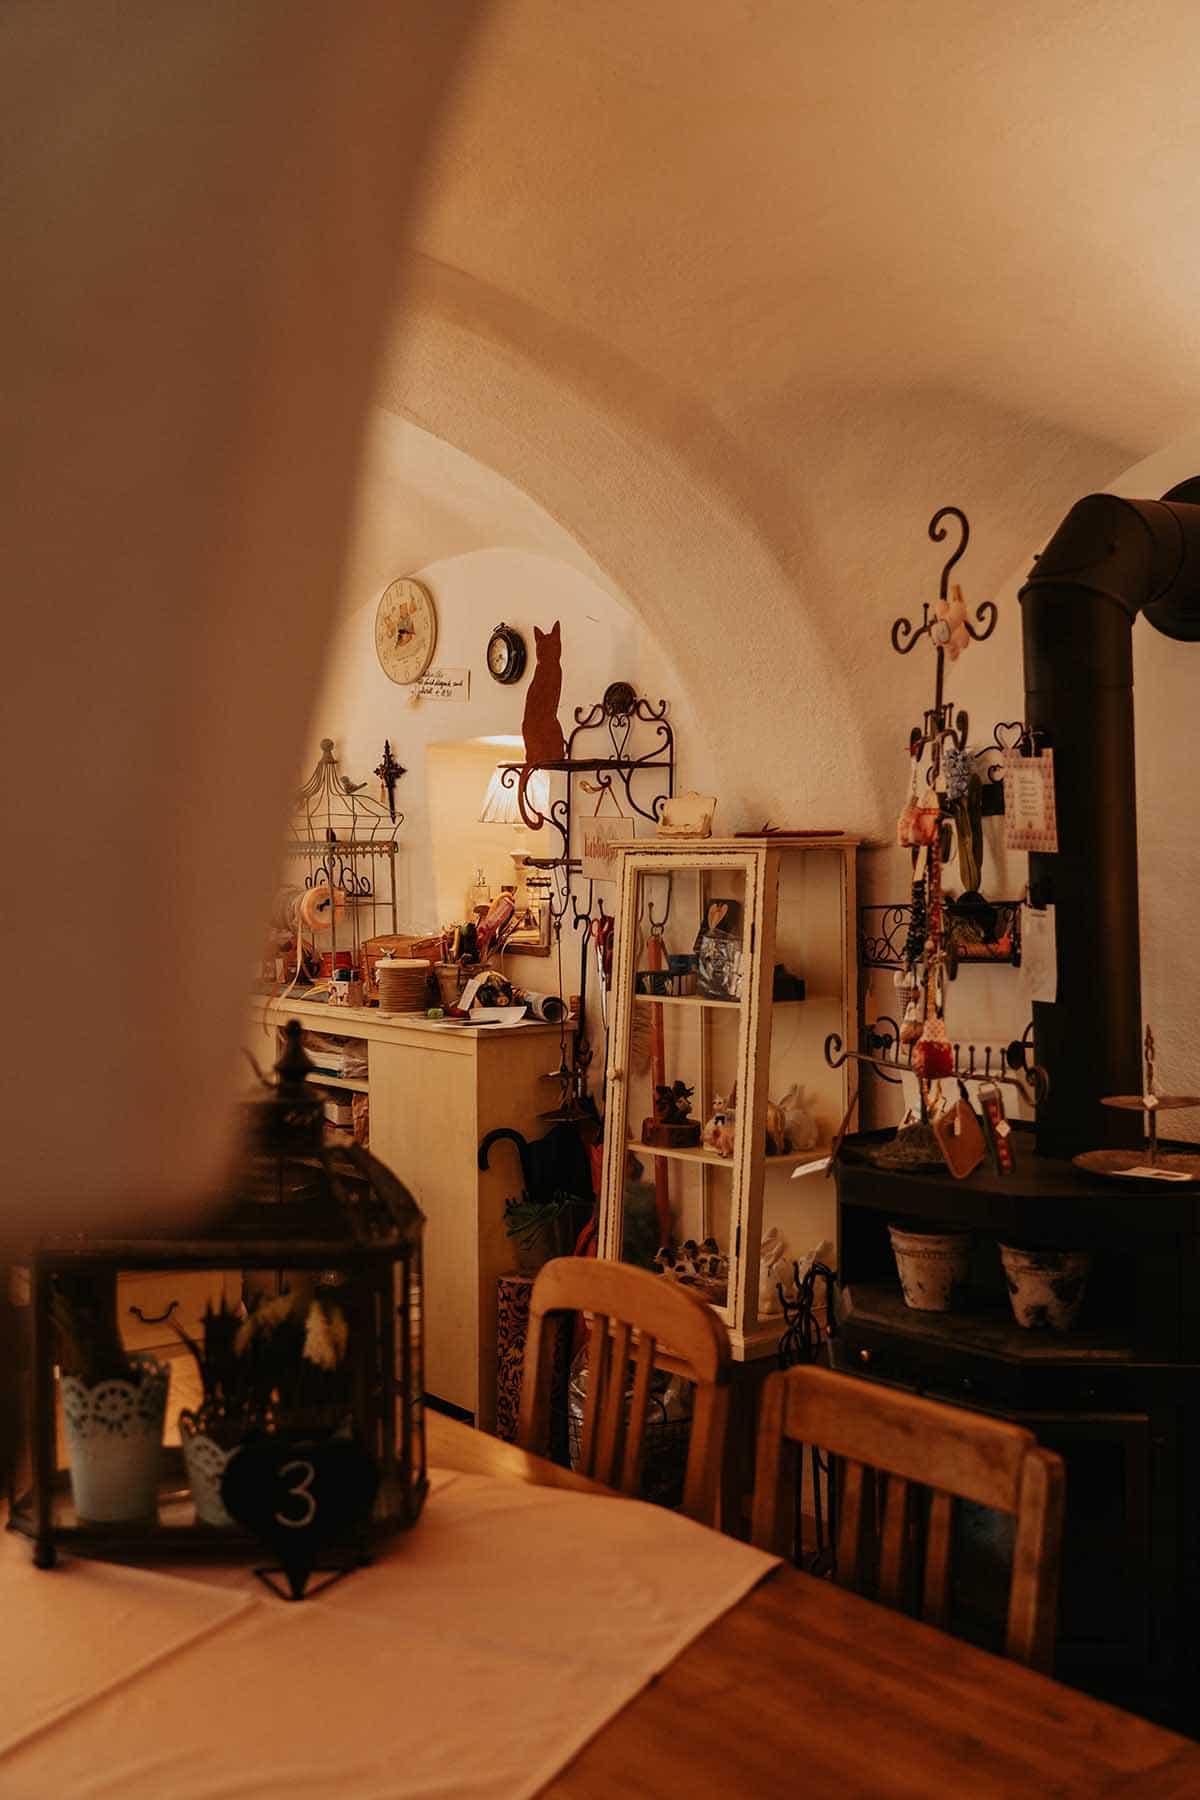 reisetipps-deggendorf-bayerischer-wald-cafe-landpartie-innen